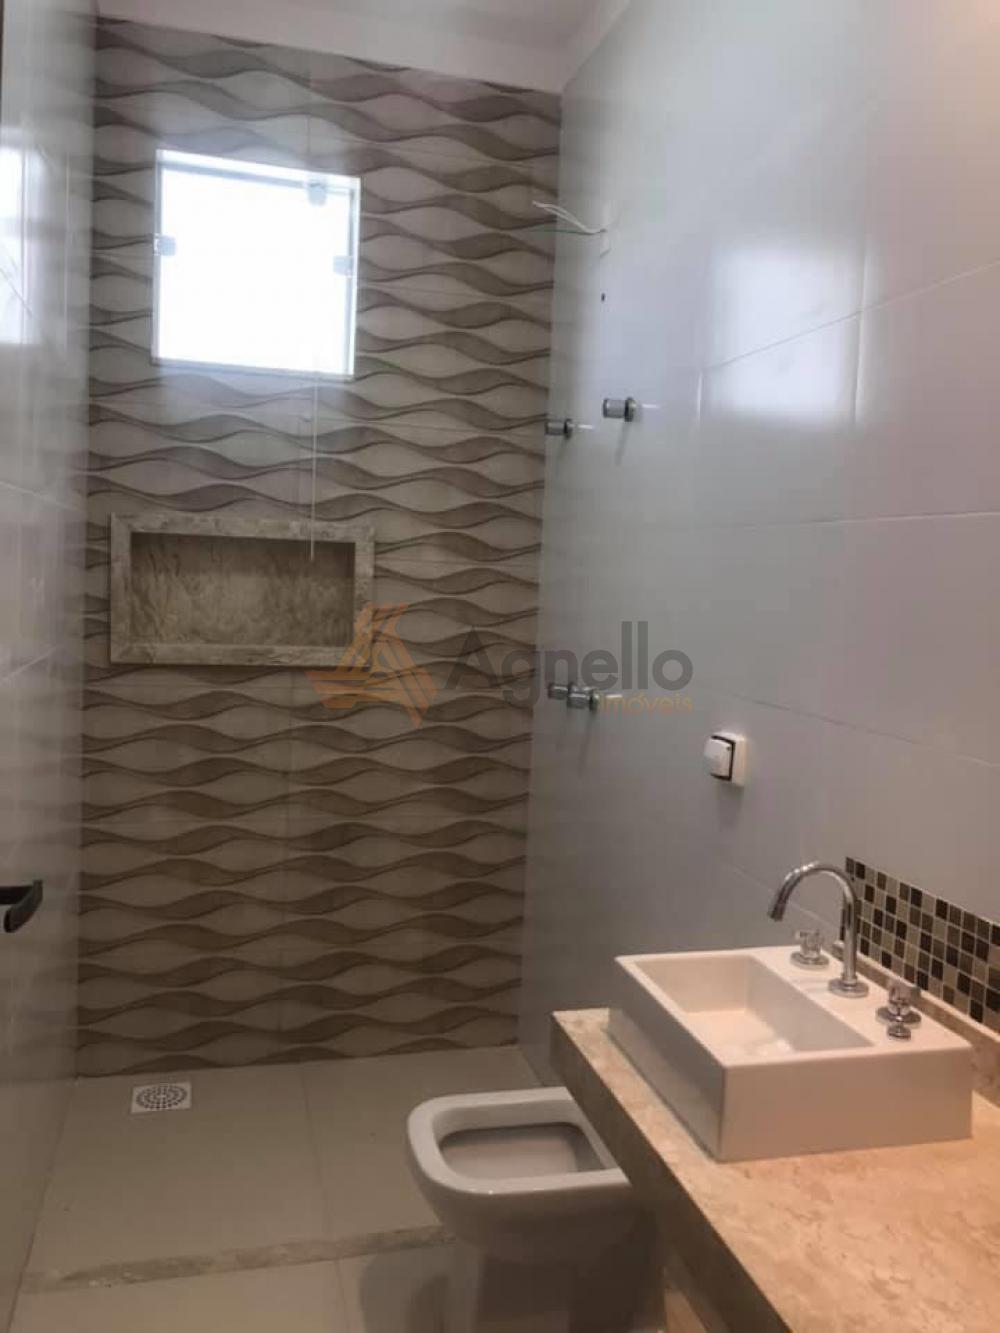 Comprar Apartamento / Padrão em Franca R$ 368.000,00 - Foto 13